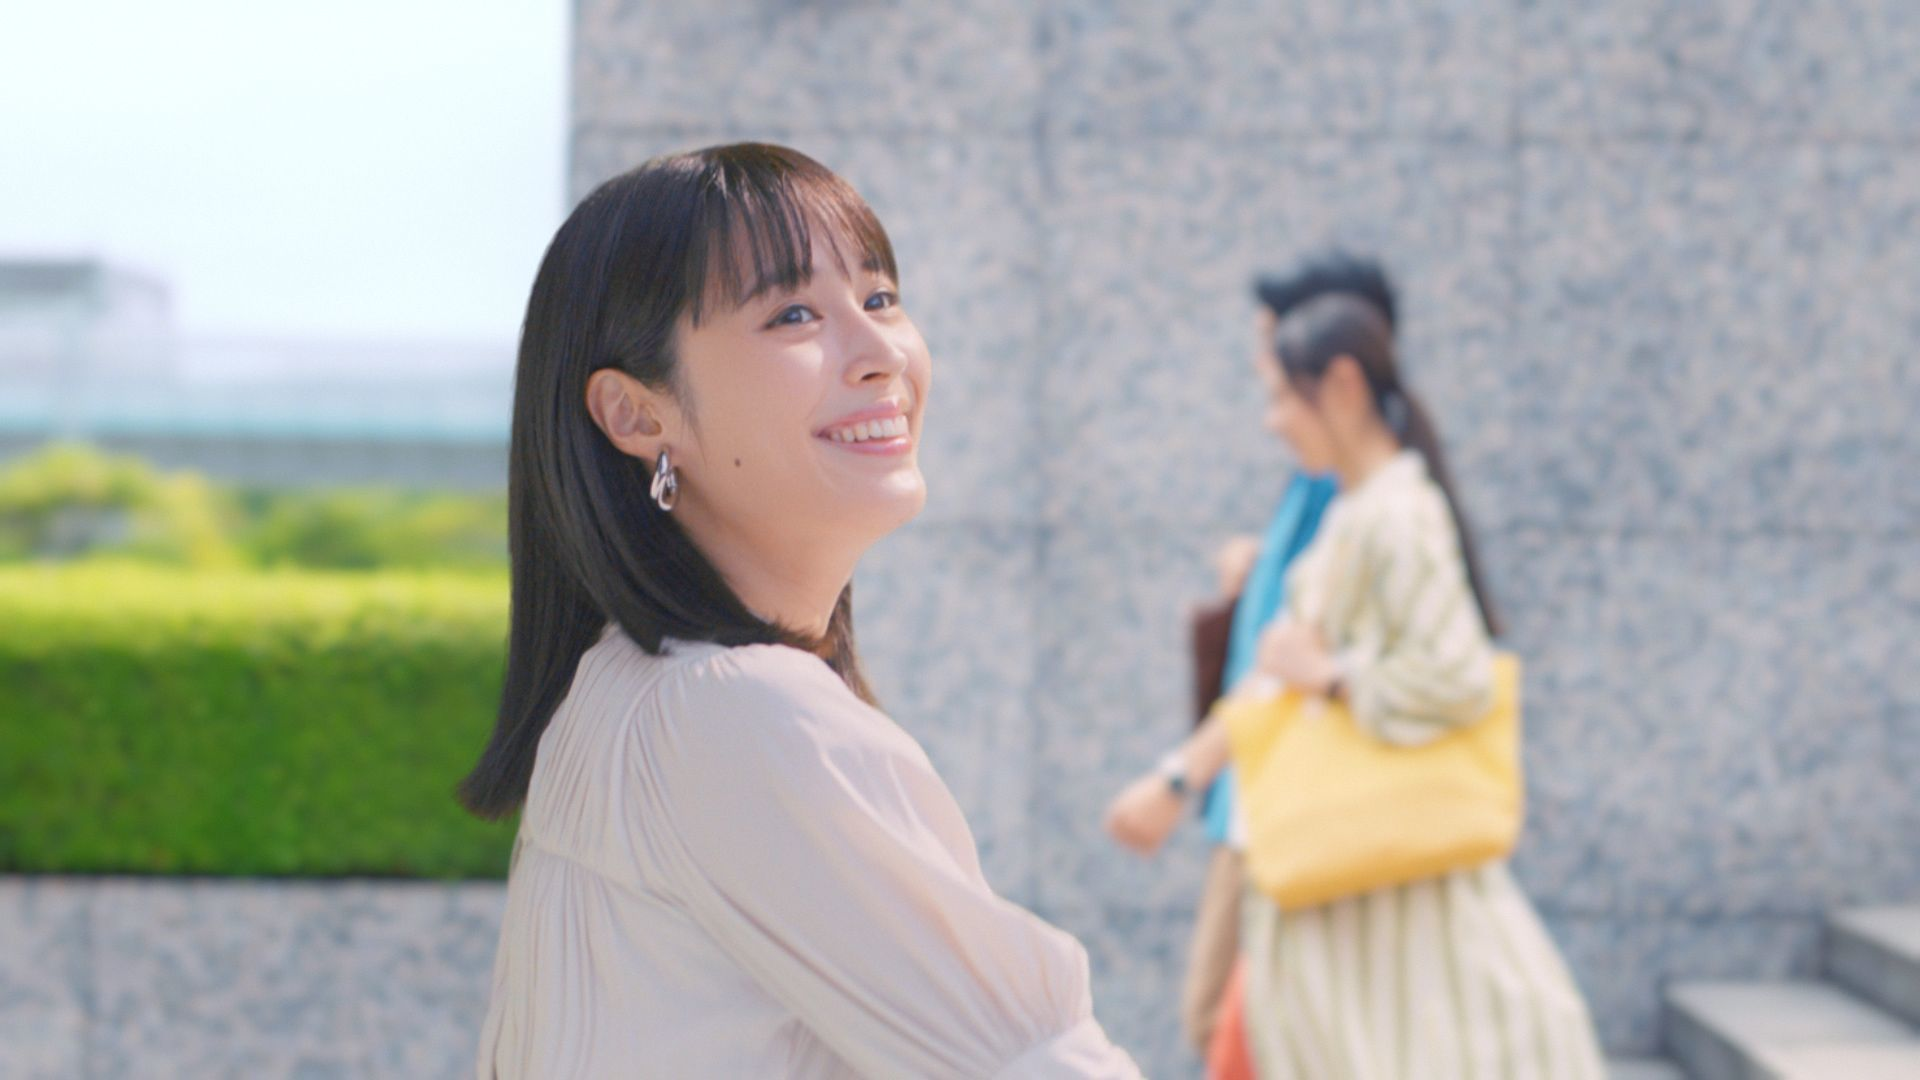 広瀬アリス 日清オイリオ新CM『Hop Step MCT 毎日が運動だ。階段』篇